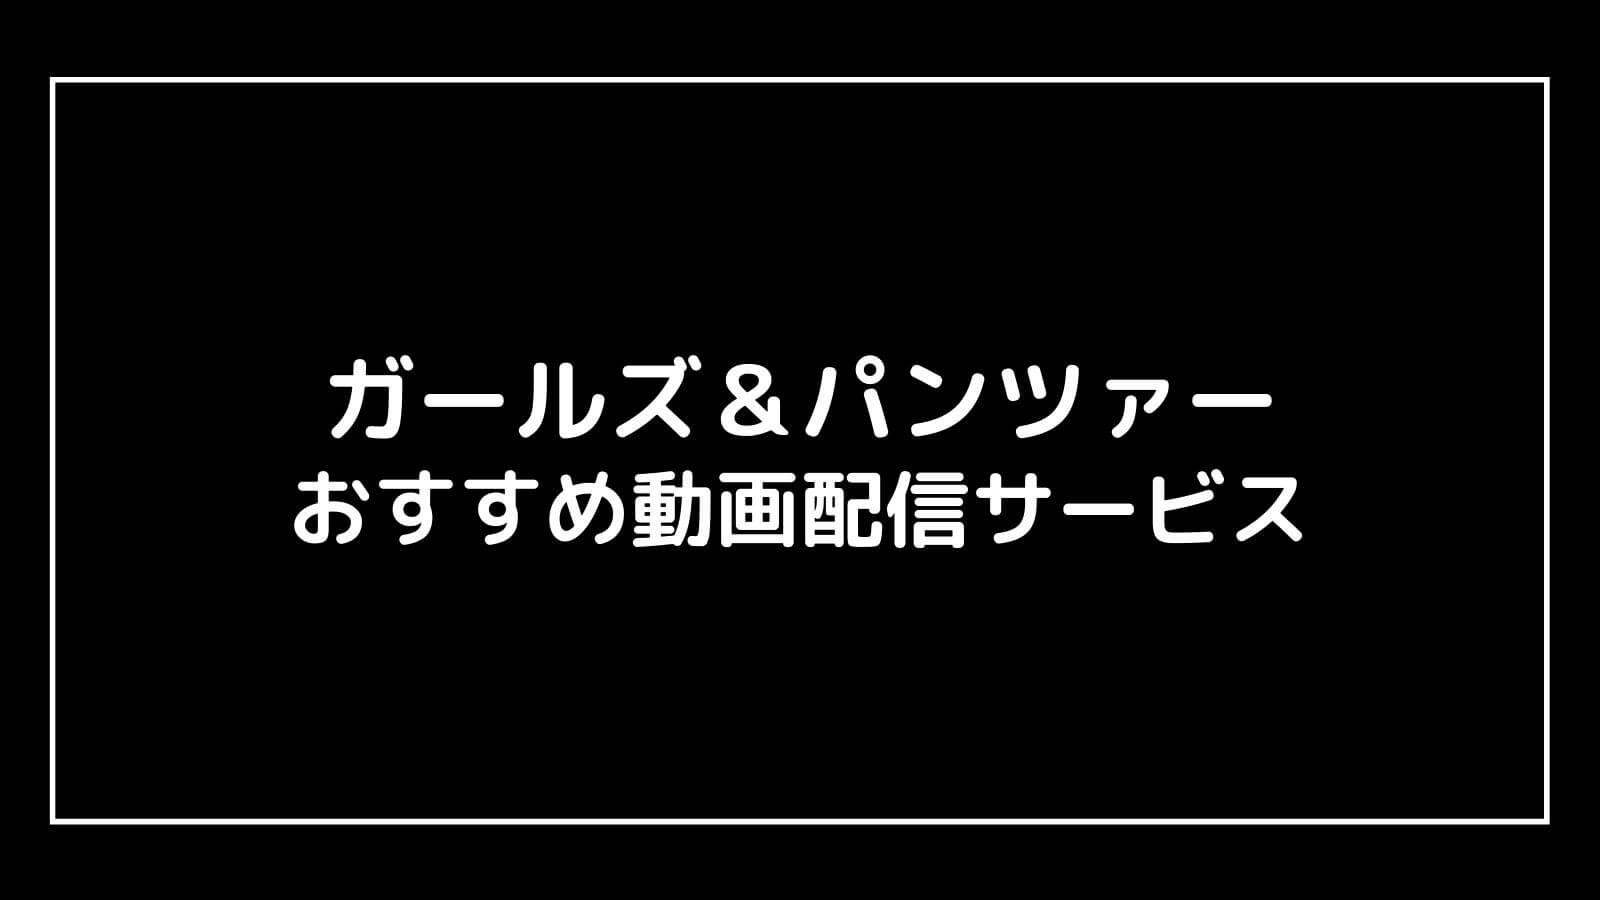 アニメ映画『ガールス&パンツァー』を全作品無料で視聴できる動画配信サービスは?【劇場版・最終章ほか】